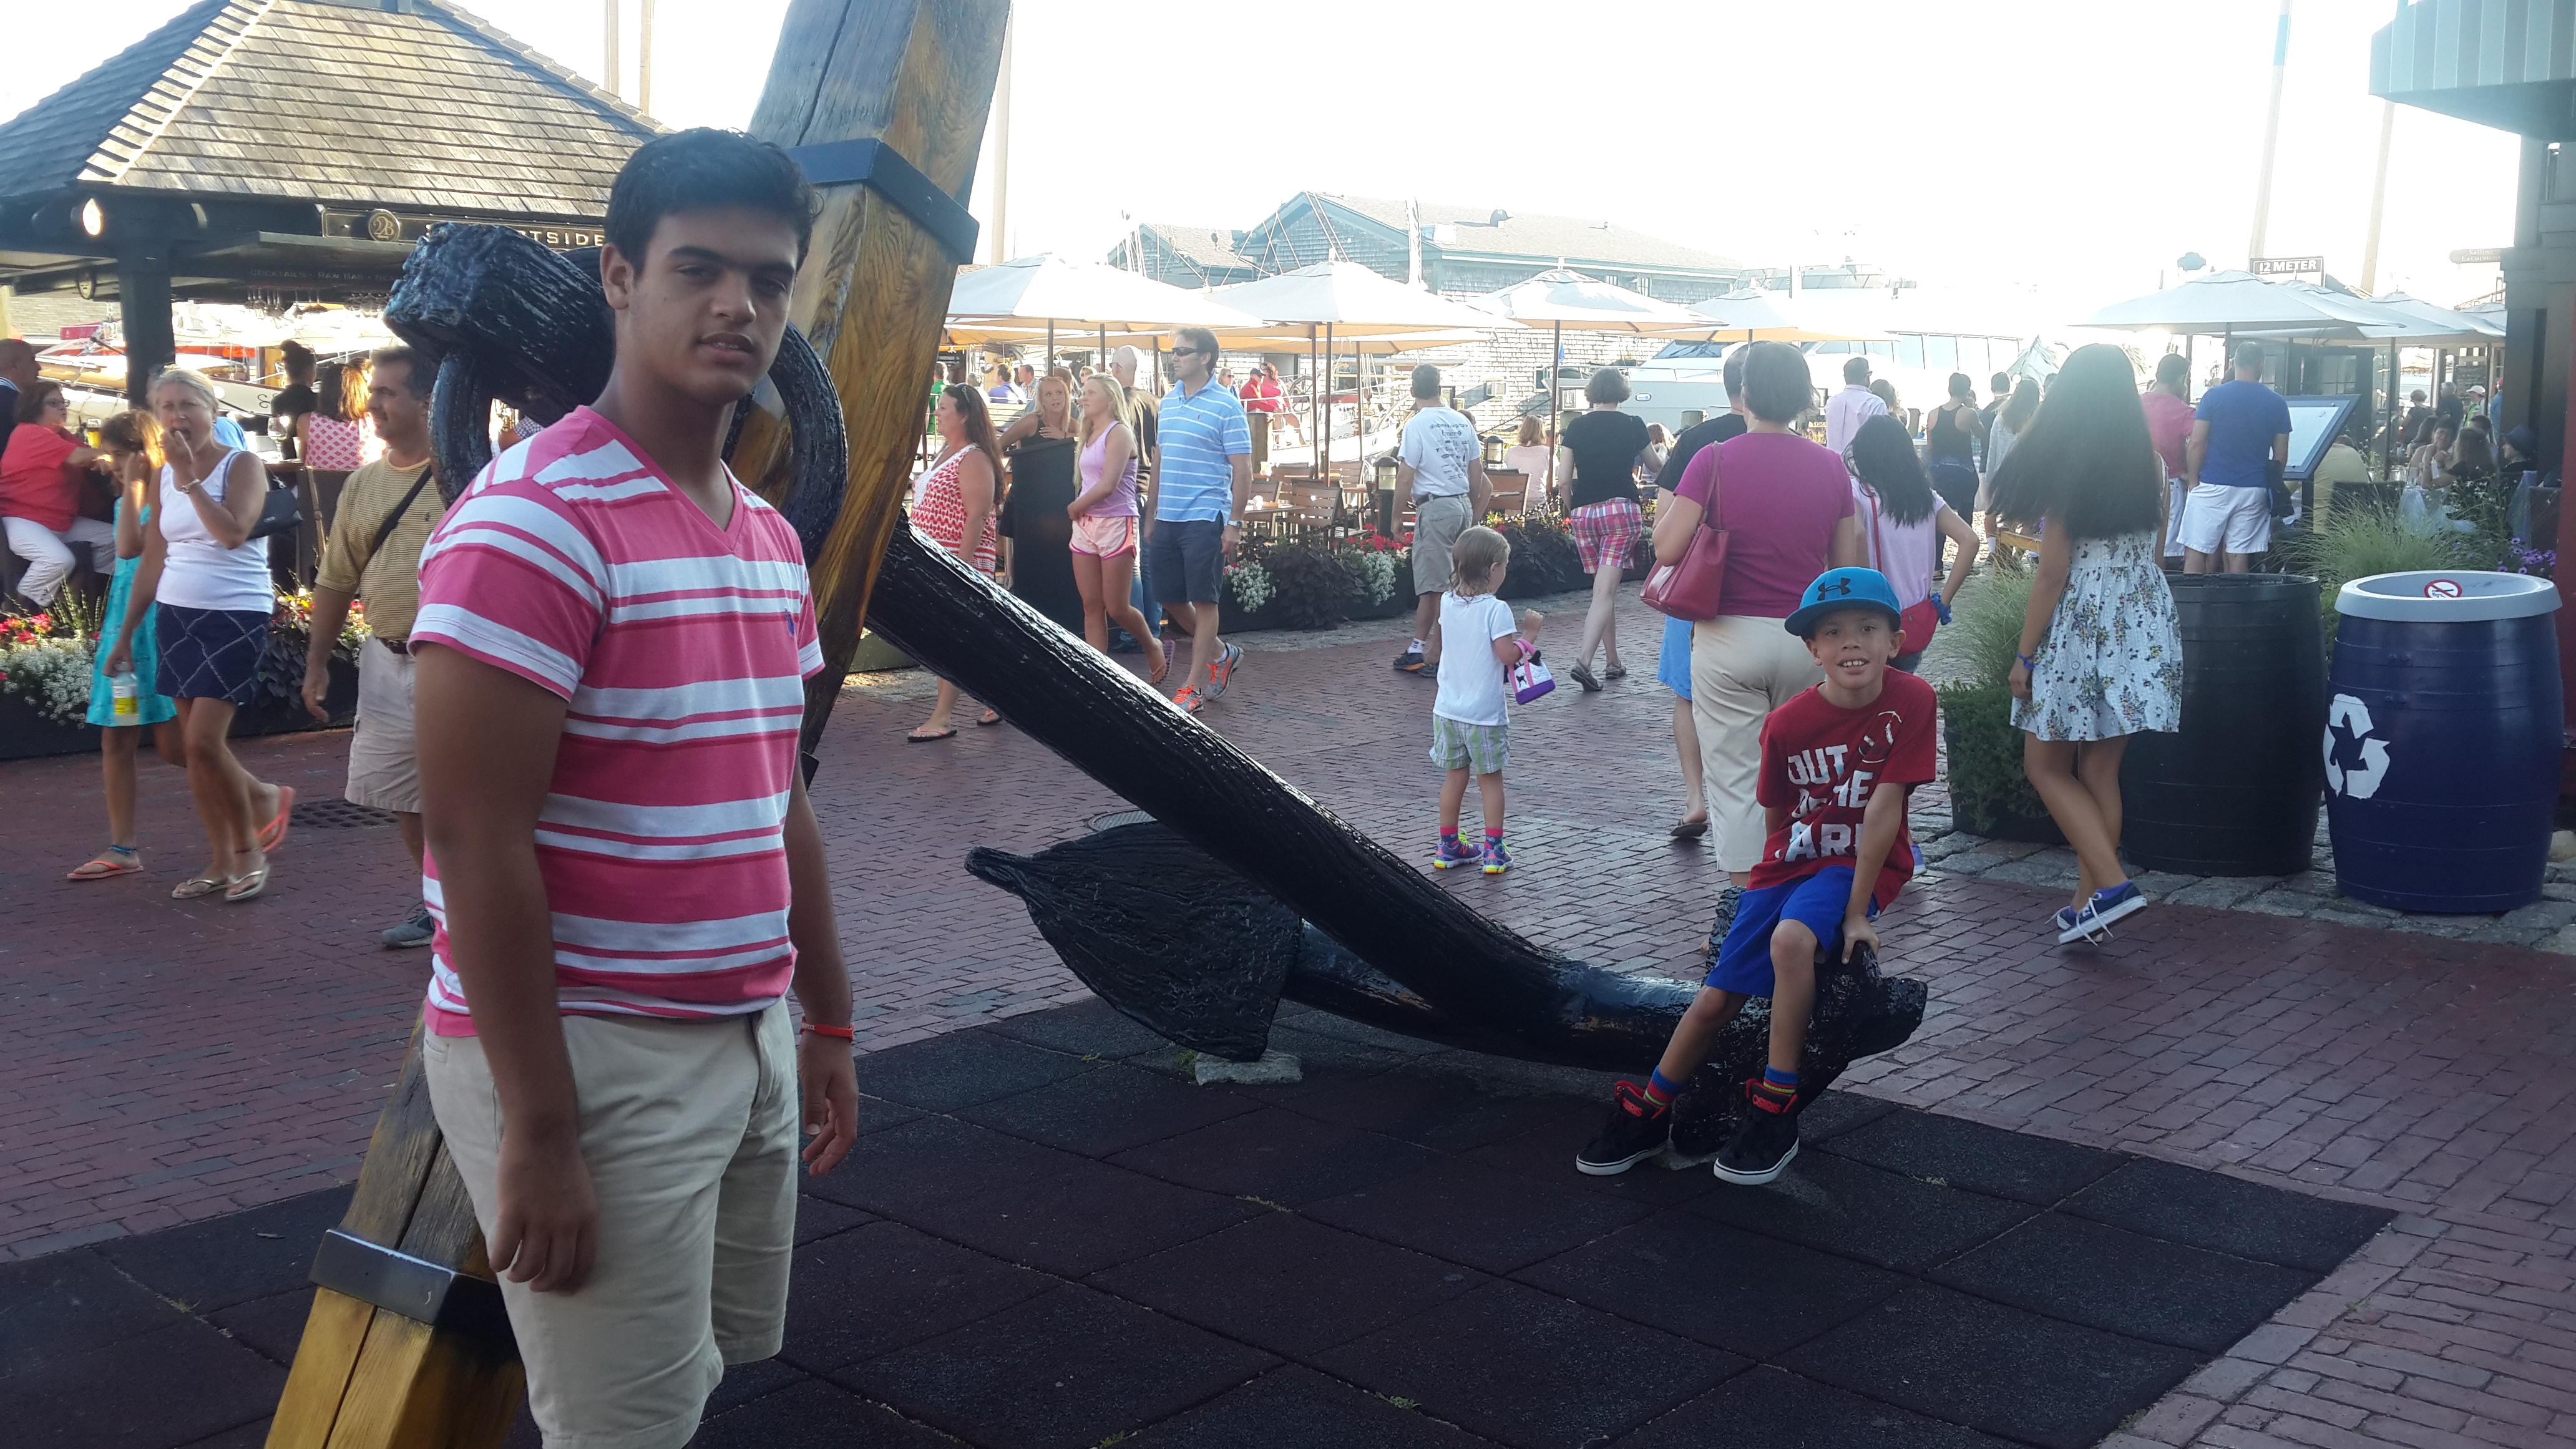 Mi hijo y sobrino en una de las placitas con tiendas y restaurantes cerca de uno de los muelles de Newport